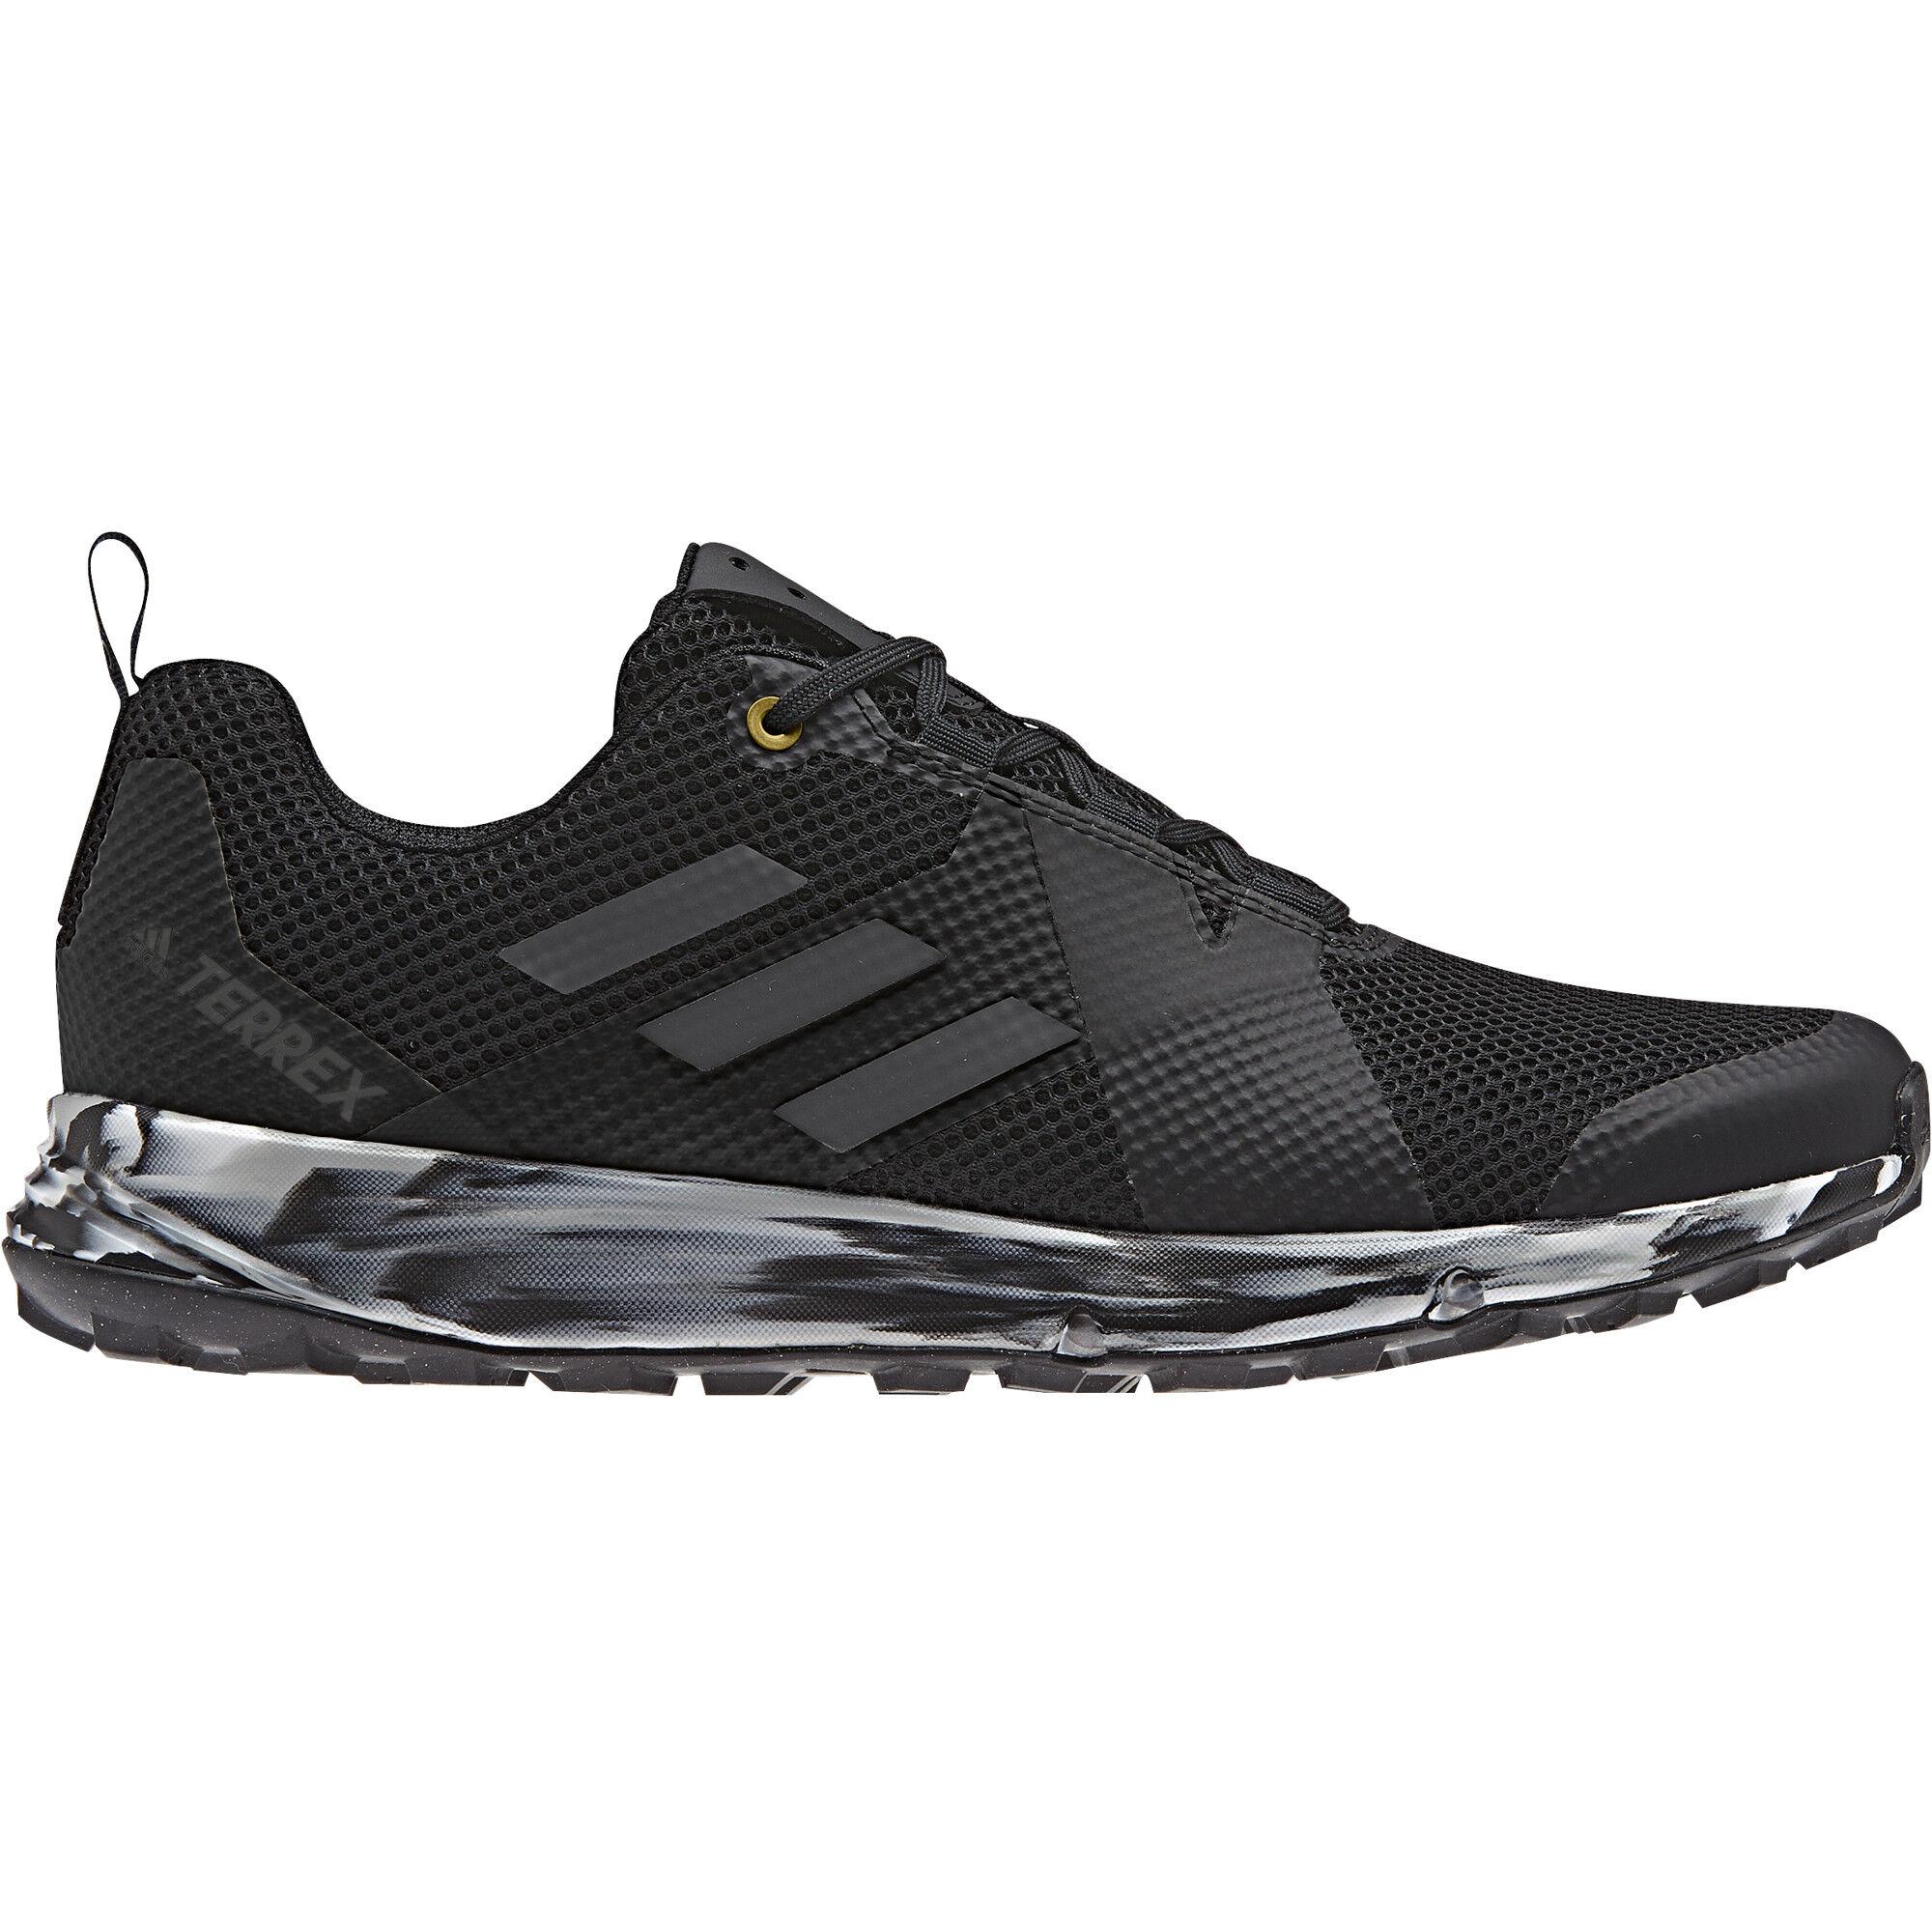 Herren Adidas Schuhe | Adidas Schuhe | Adidas, Adidas shoes